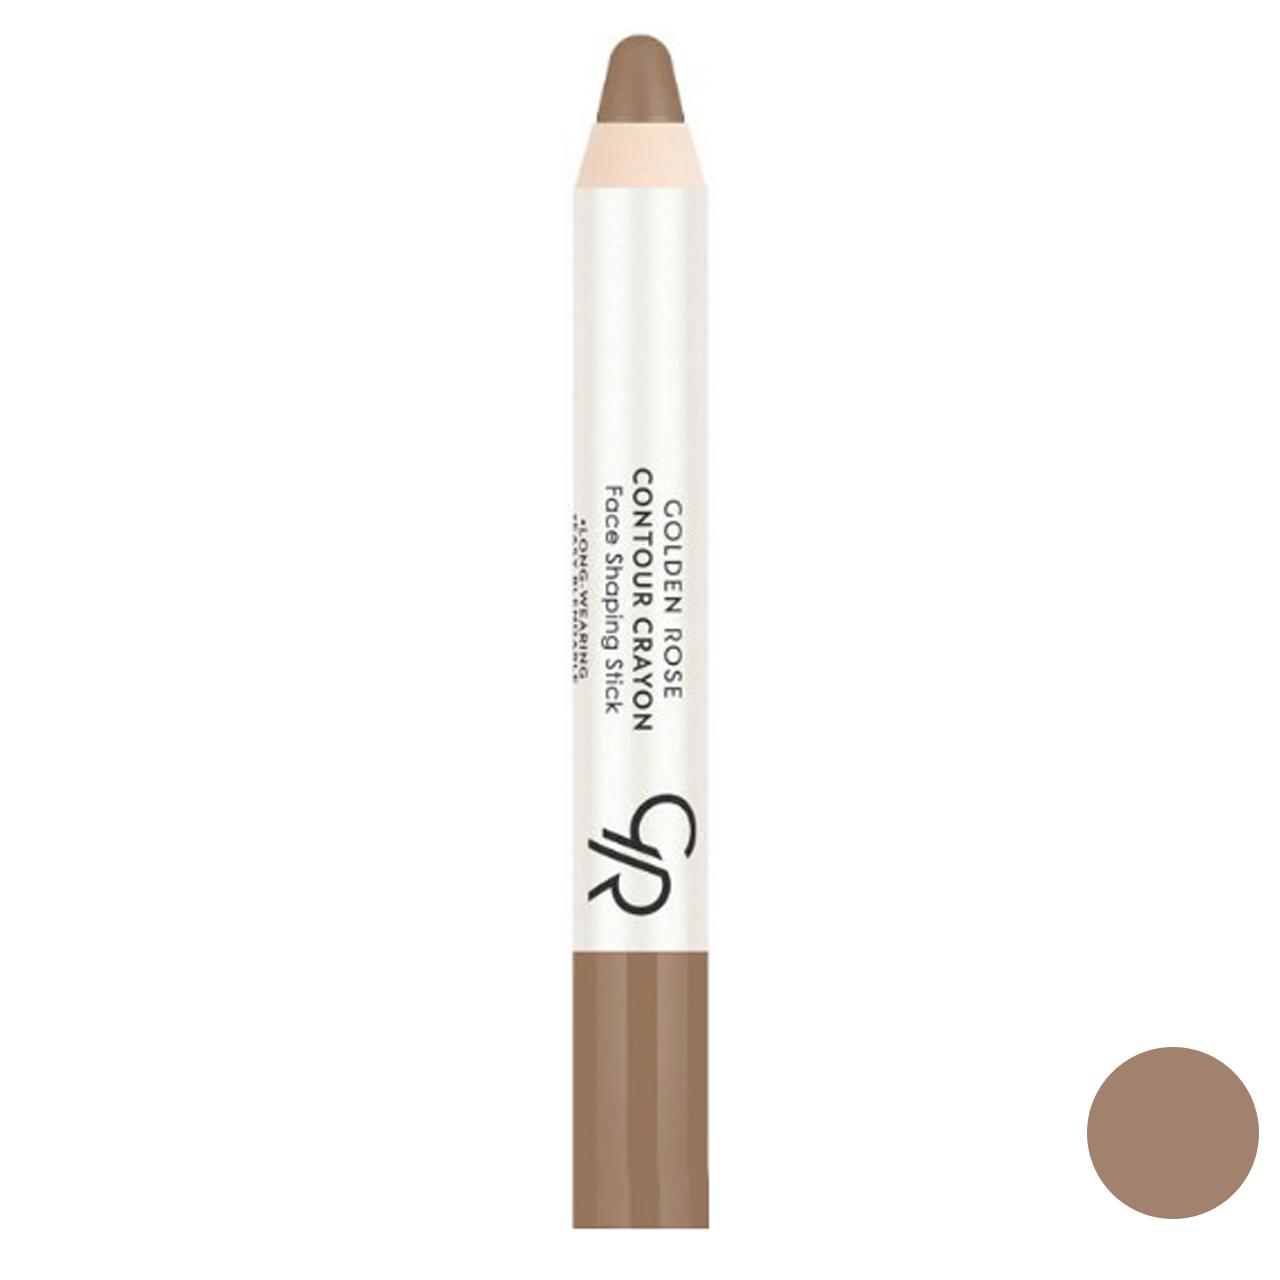 قیمت مداد کانتورینگ گلدن رز شماره 23